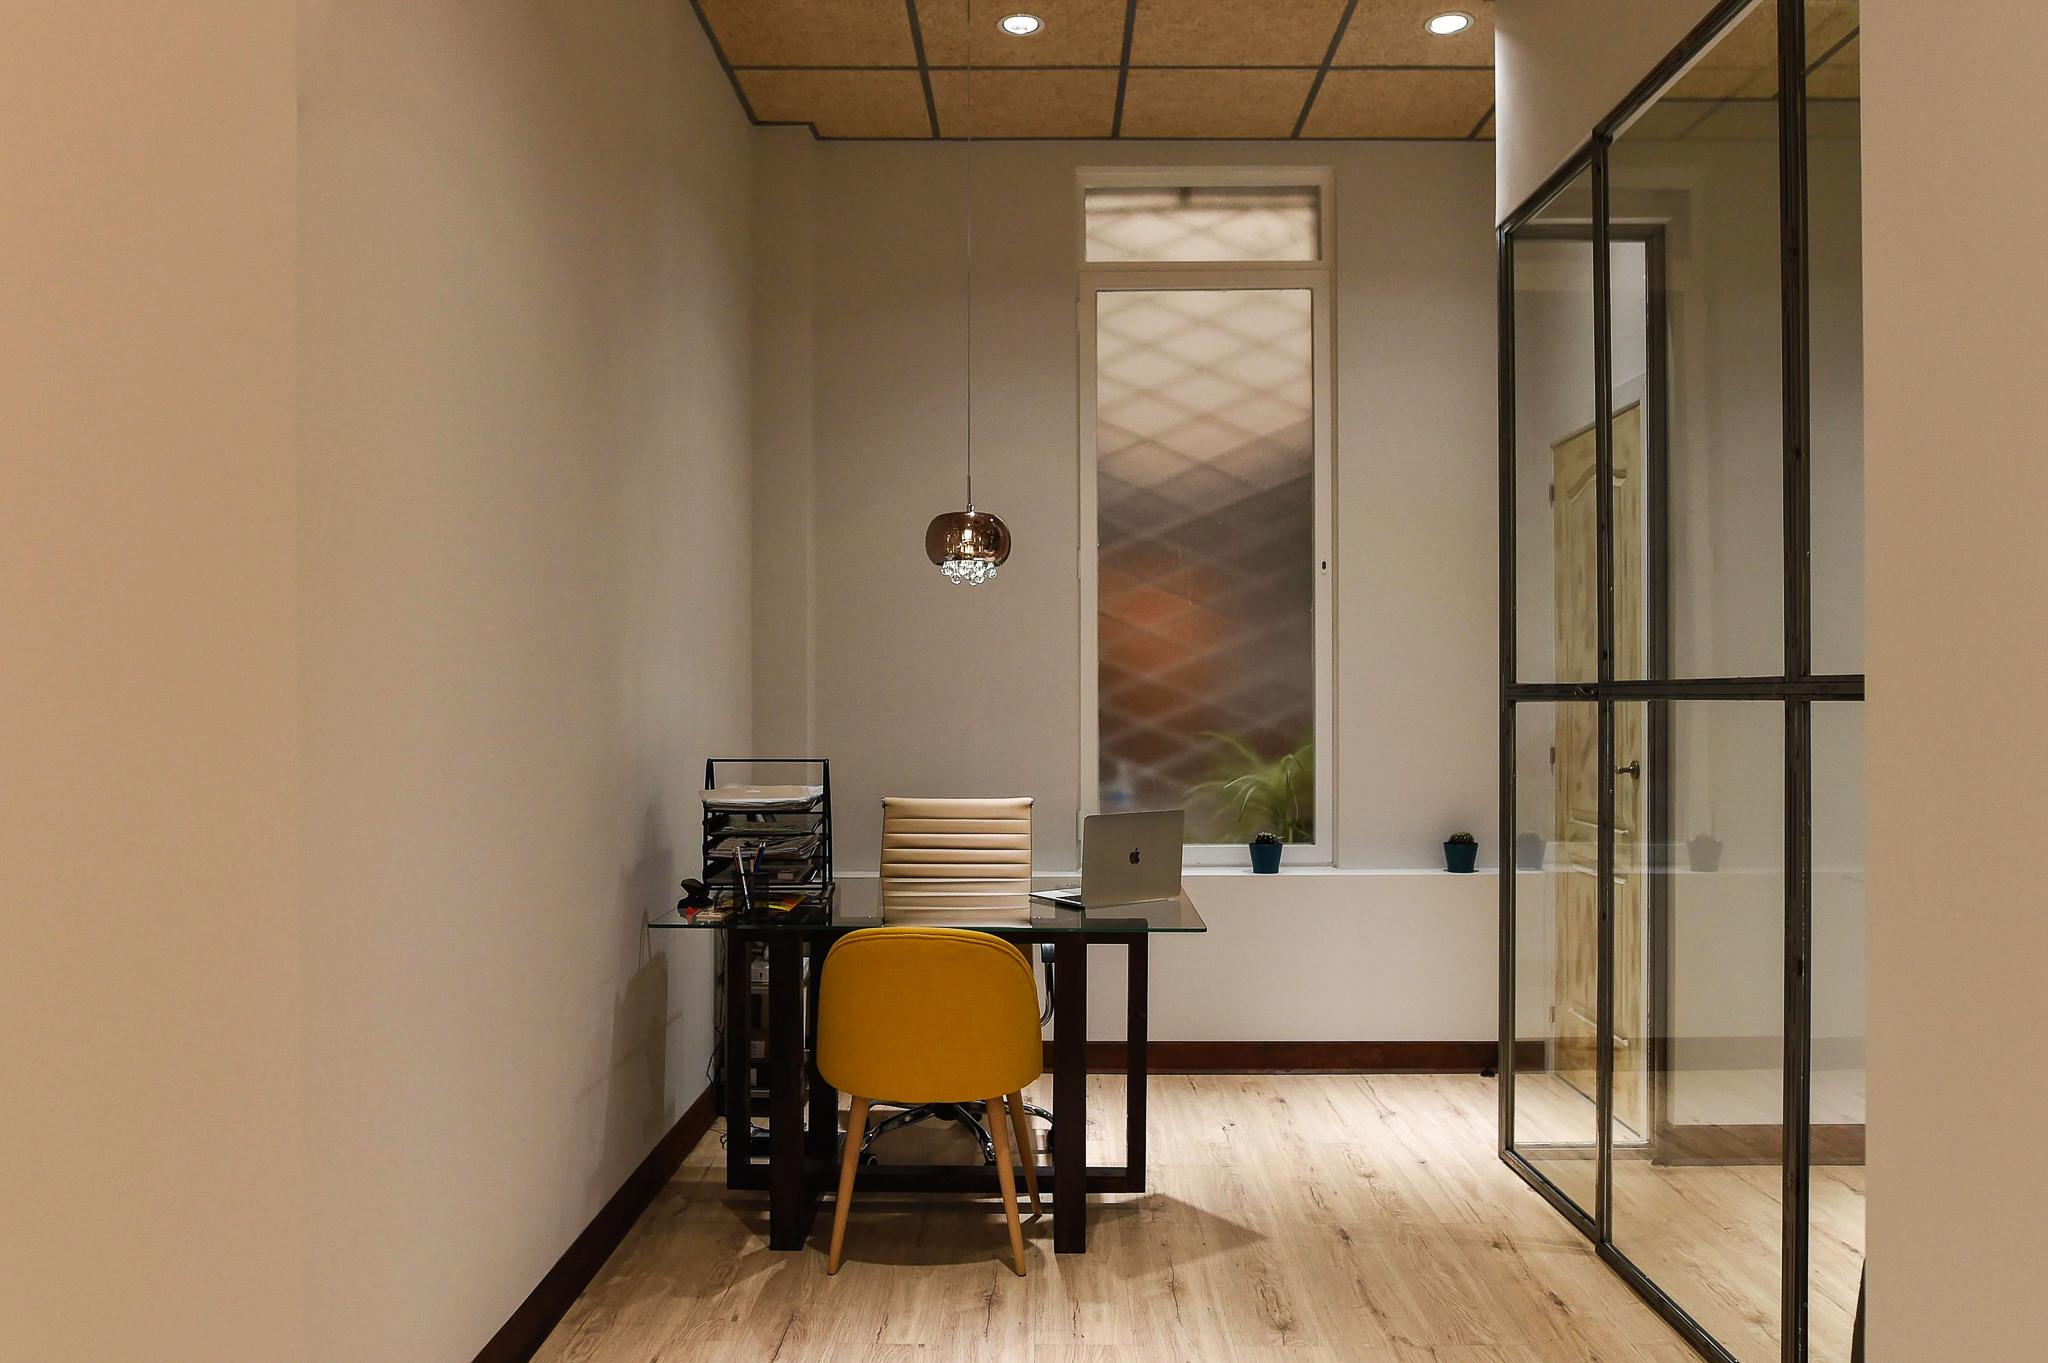 Reformas integrales y decoracion interior de oficinas en Madrid